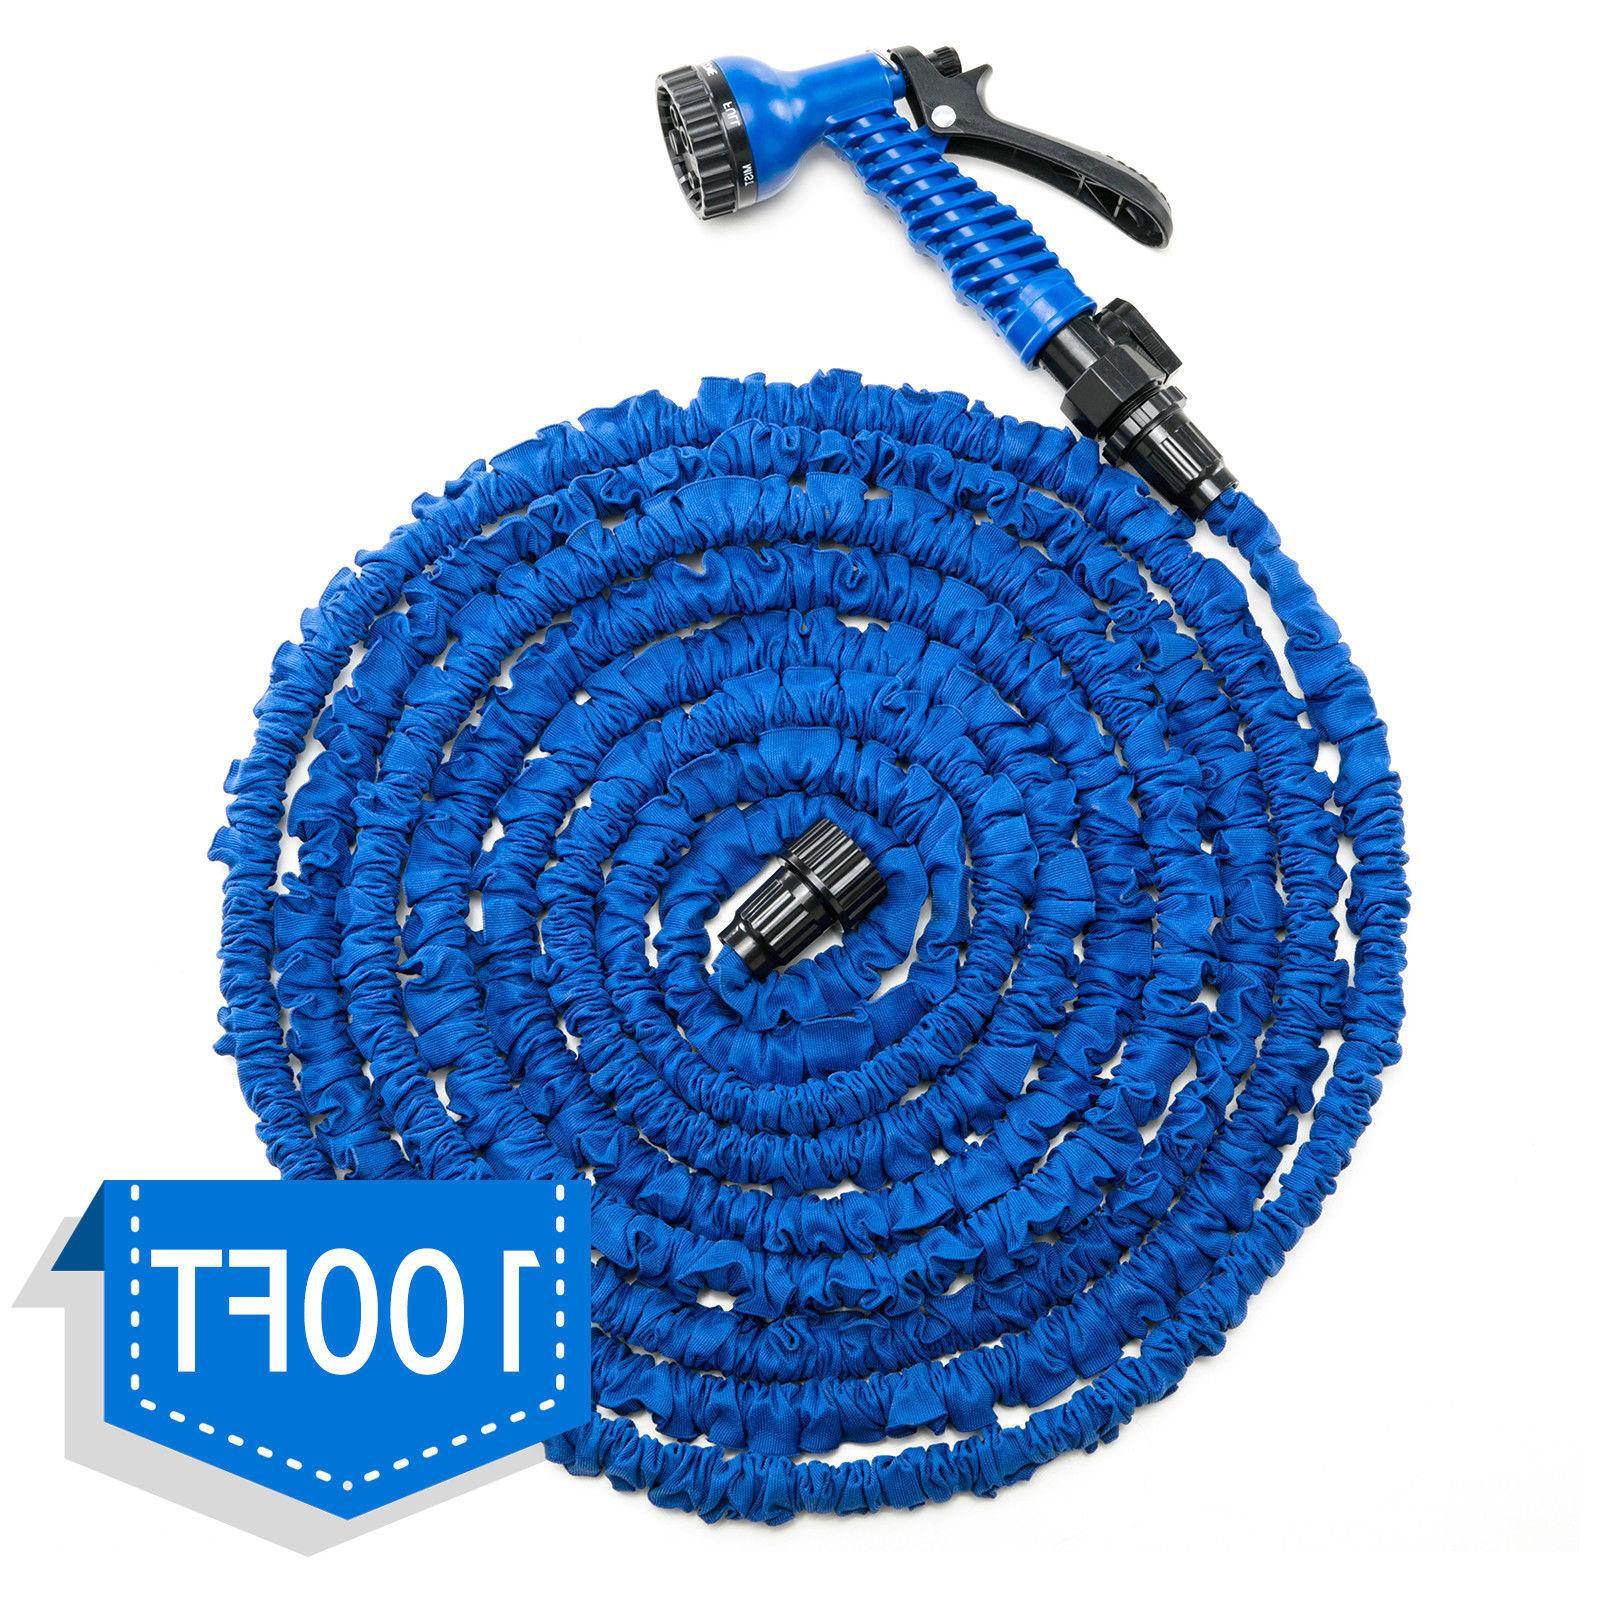 Deluxe 50 FT Water Nozzle